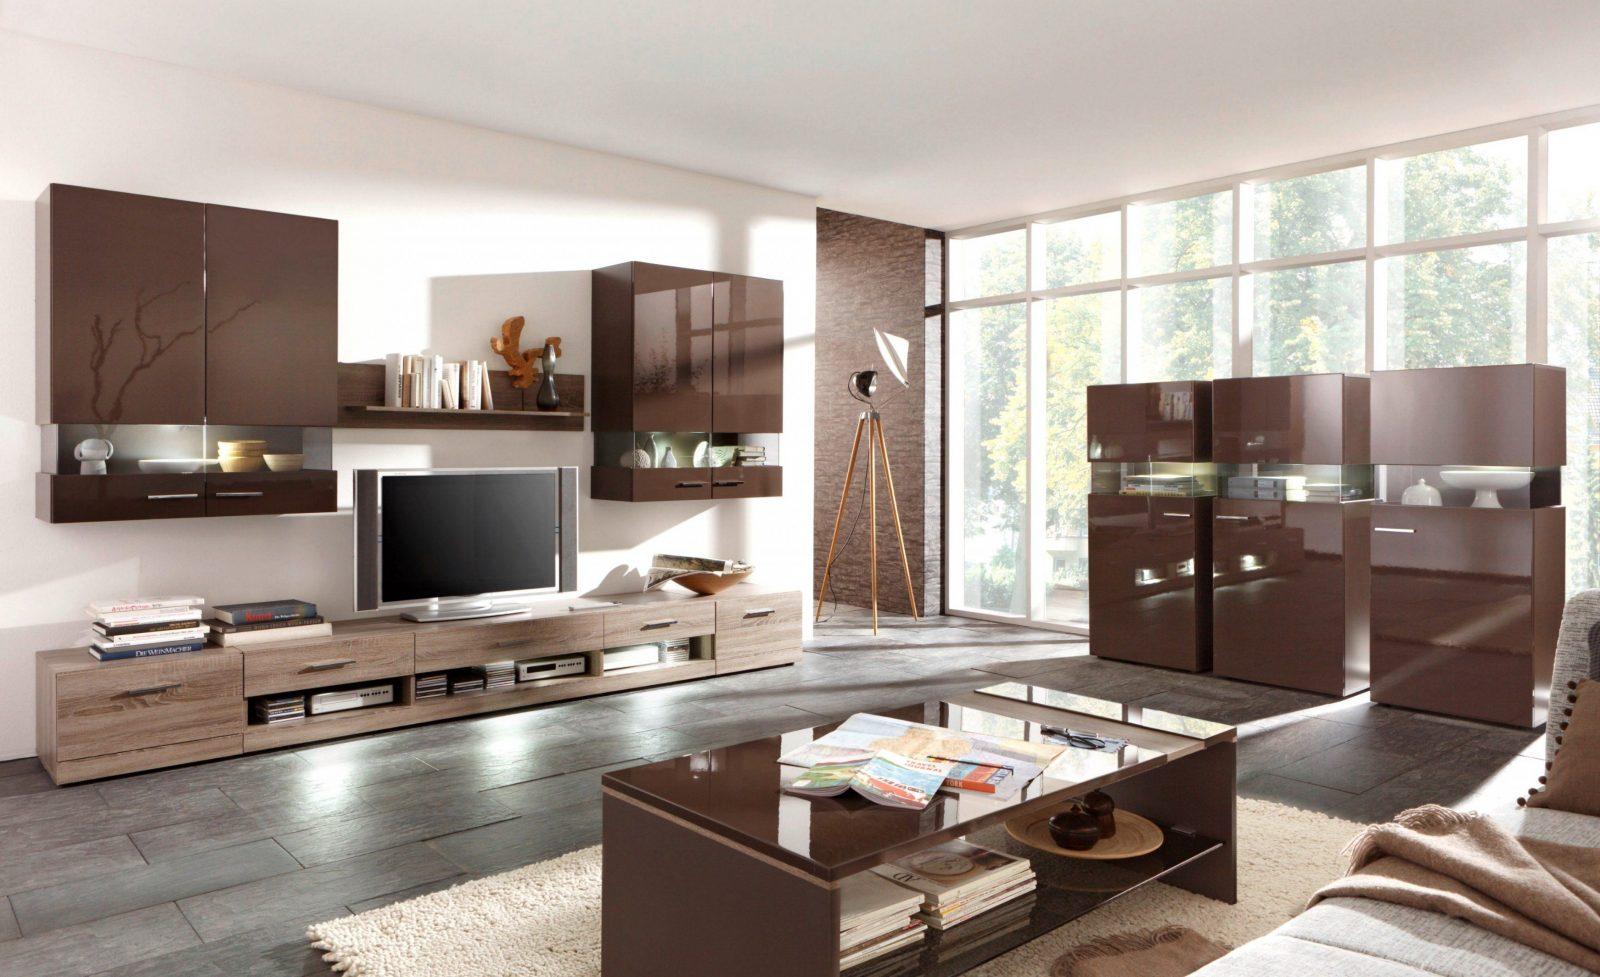 Wohnideen  Welche Farbe Passt Zu Grauen Mobeln Mit Schön Luxus von Welche Wandfarbe Passt Zu Grauen Möbeln Photo